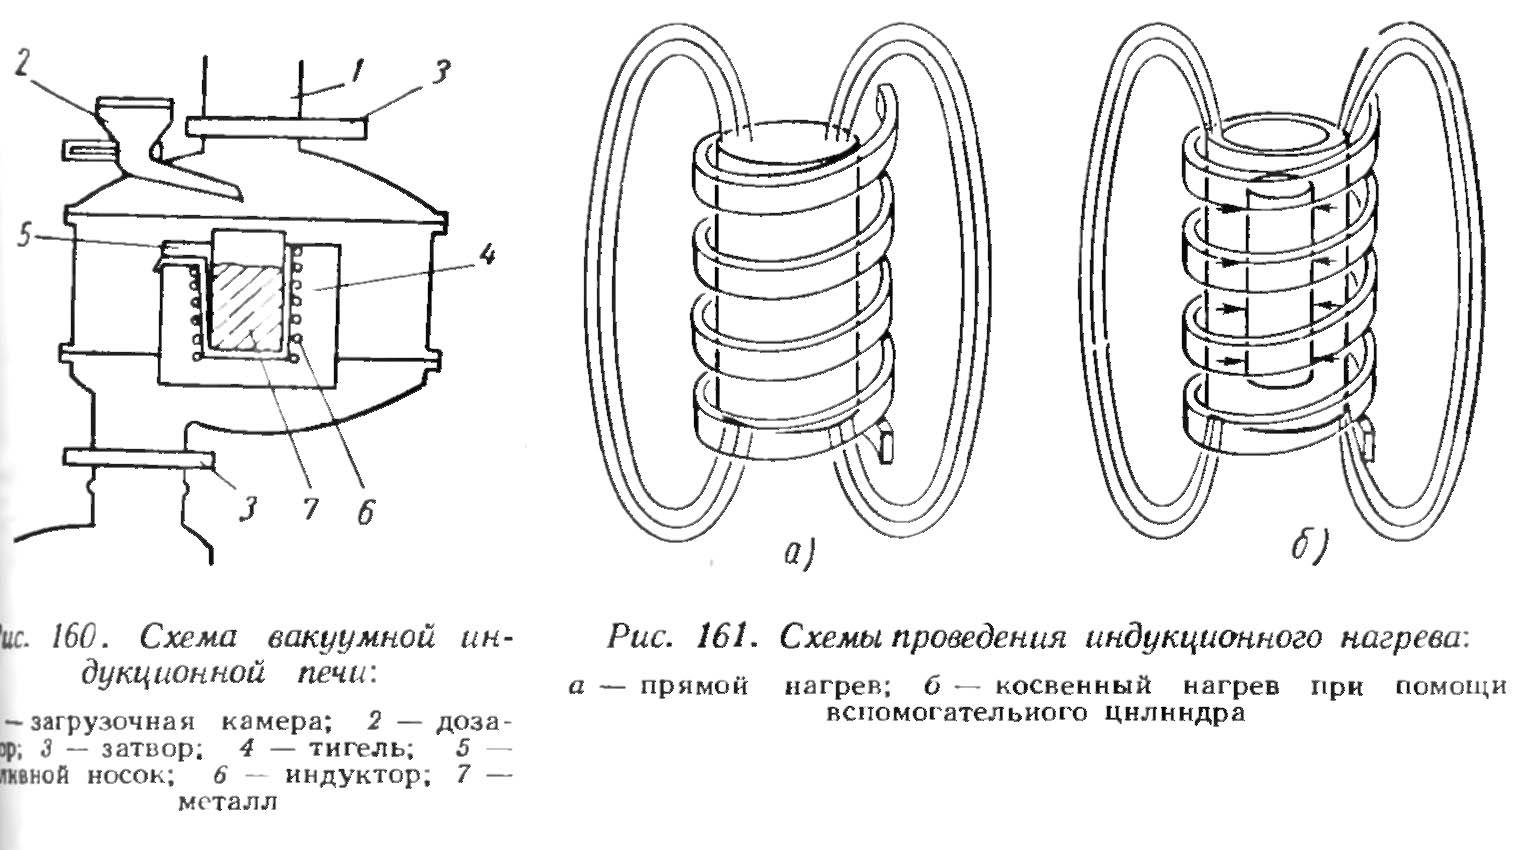 Индукционное плавление металлов своими руками схема